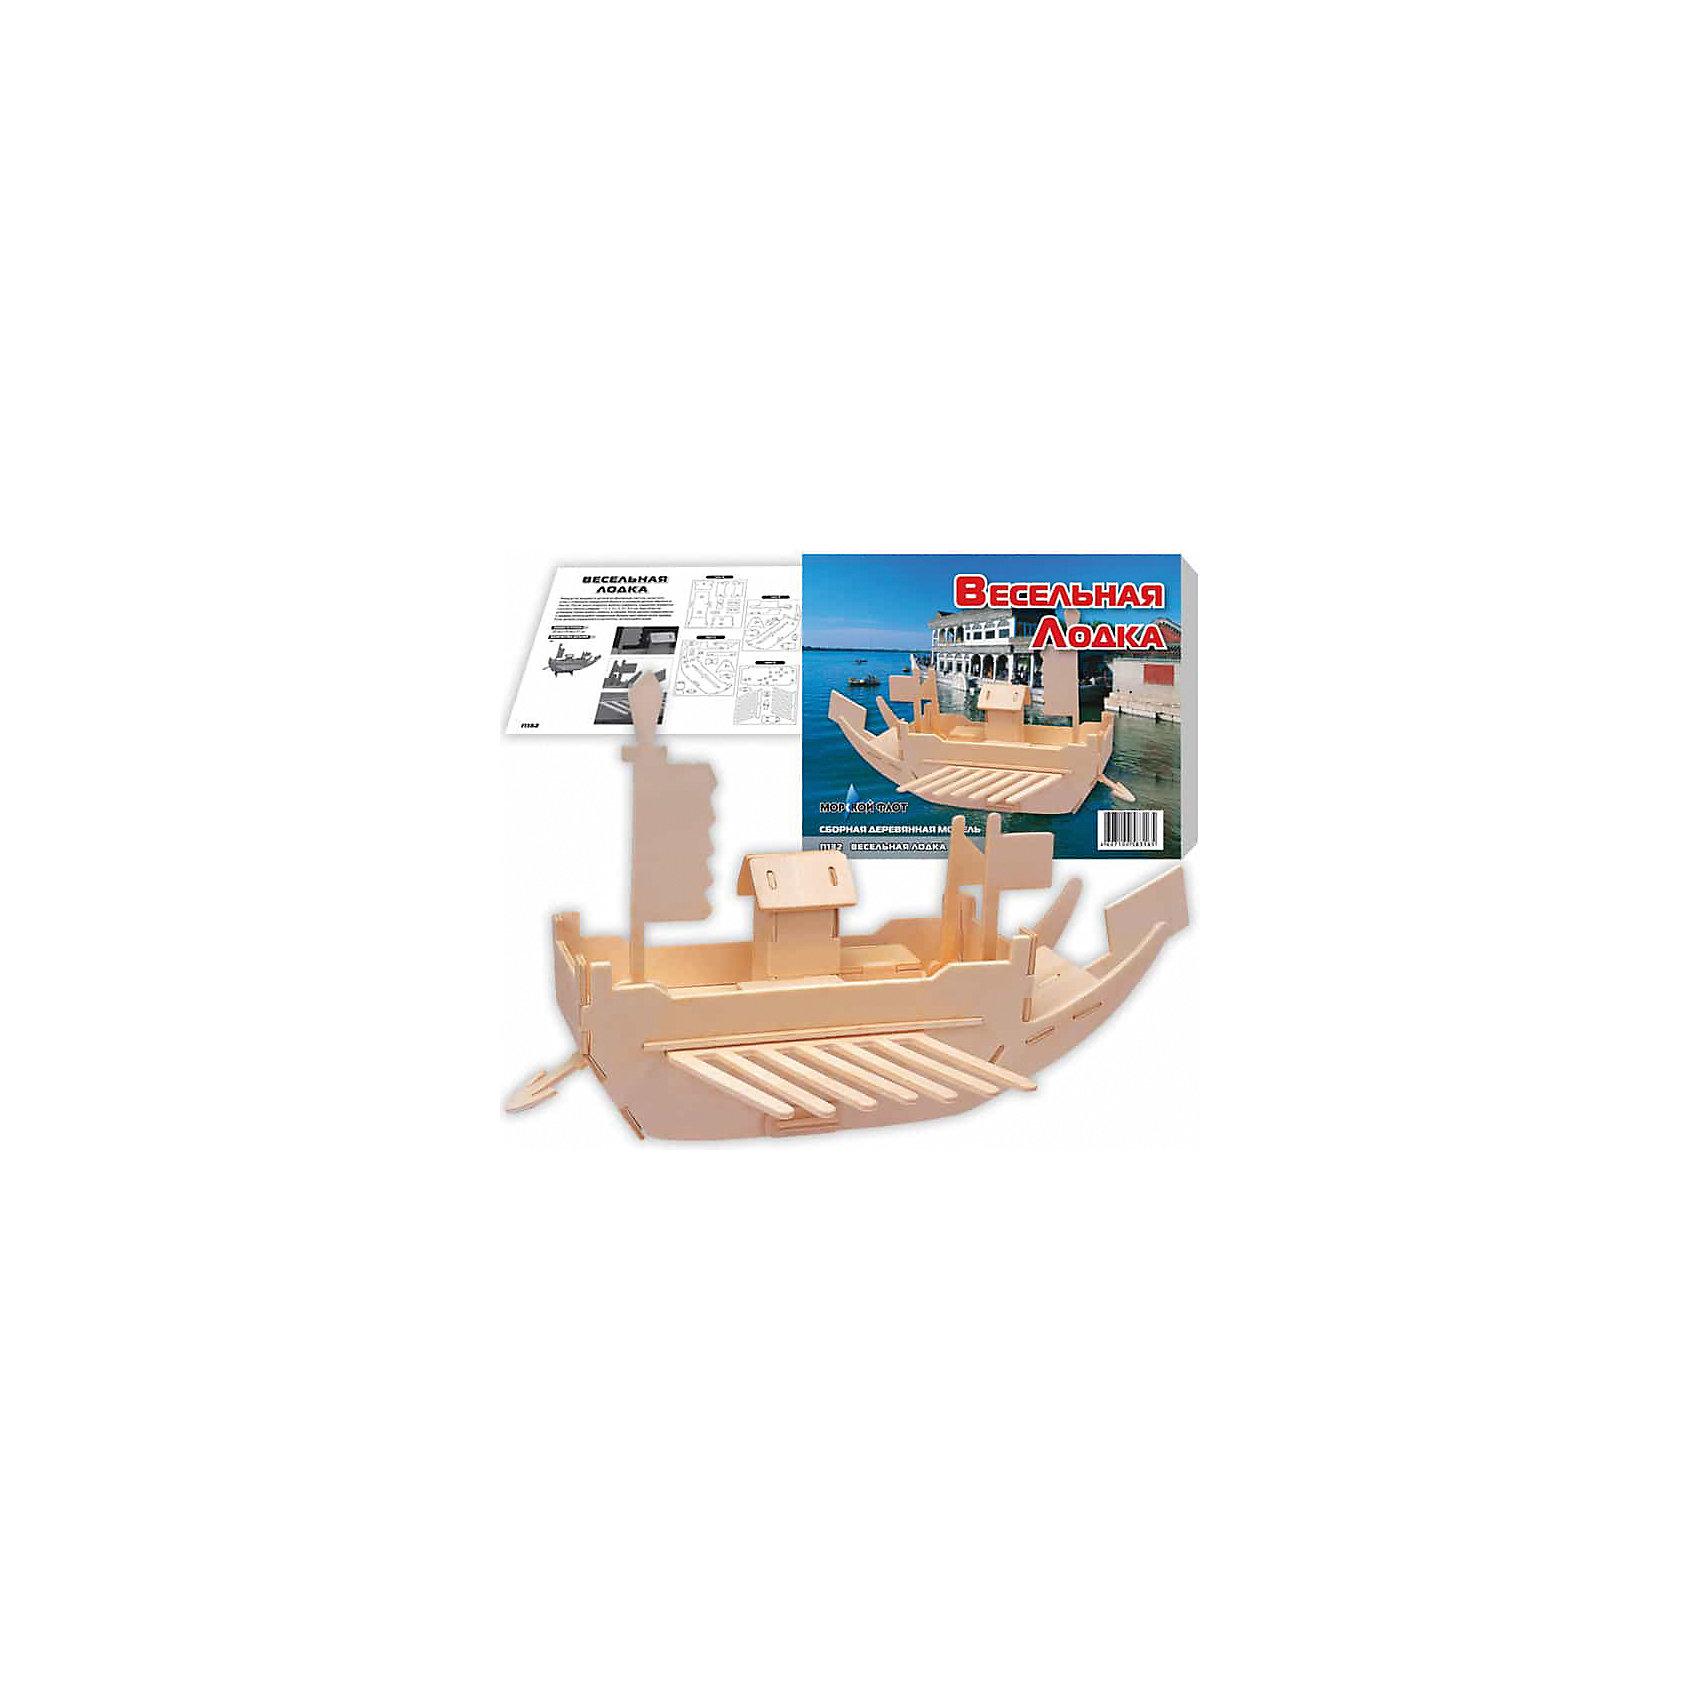 Весельная лодка, Мир деревянных игрушекДеревянные конструкторы<br>Отличный вариант подарка для любящего технику творческого ребенка - этот набор, из которого можно самому сделать красивую деревянную фигуру! Для этого нужно выдавить из пластины с деталями элементы для сборки и соединить их. Из наборов получаются красивые очень реалистичные игрушки, которые могут стать украшением комнаты.<br>Собирая их, ребенок будет развивать пространственное мышление, память и мелкую моторику. А раскрашивая готовое произведение, дети научатся подбирать цвета и будут развивать художественные навыки. Этот набор произведен из качественных и безопасных для детей материалов - дерево тщательно обработано.<br><br>Дополнительная информация:<br><br>материал: дерево;<br>цвет: бежевый;<br>элементы: пластины с деталями для сборки, схема сборки;<br>размер упаковки: 23 х 18 см.<br><br>3D-пазл Весельная лодка от бренда Мир деревянных игрушек можно купить в нашем магазине.<br><br>Ширина мм: 225<br>Глубина мм: 30<br>Высота мм: 180<br>Вес г: 450<br>Возраст от месяцев: 36<br>Возраст до месяцев: 144<br>Пол: Унисекс<br>Возраст: Детский<br>SKU: 4969215